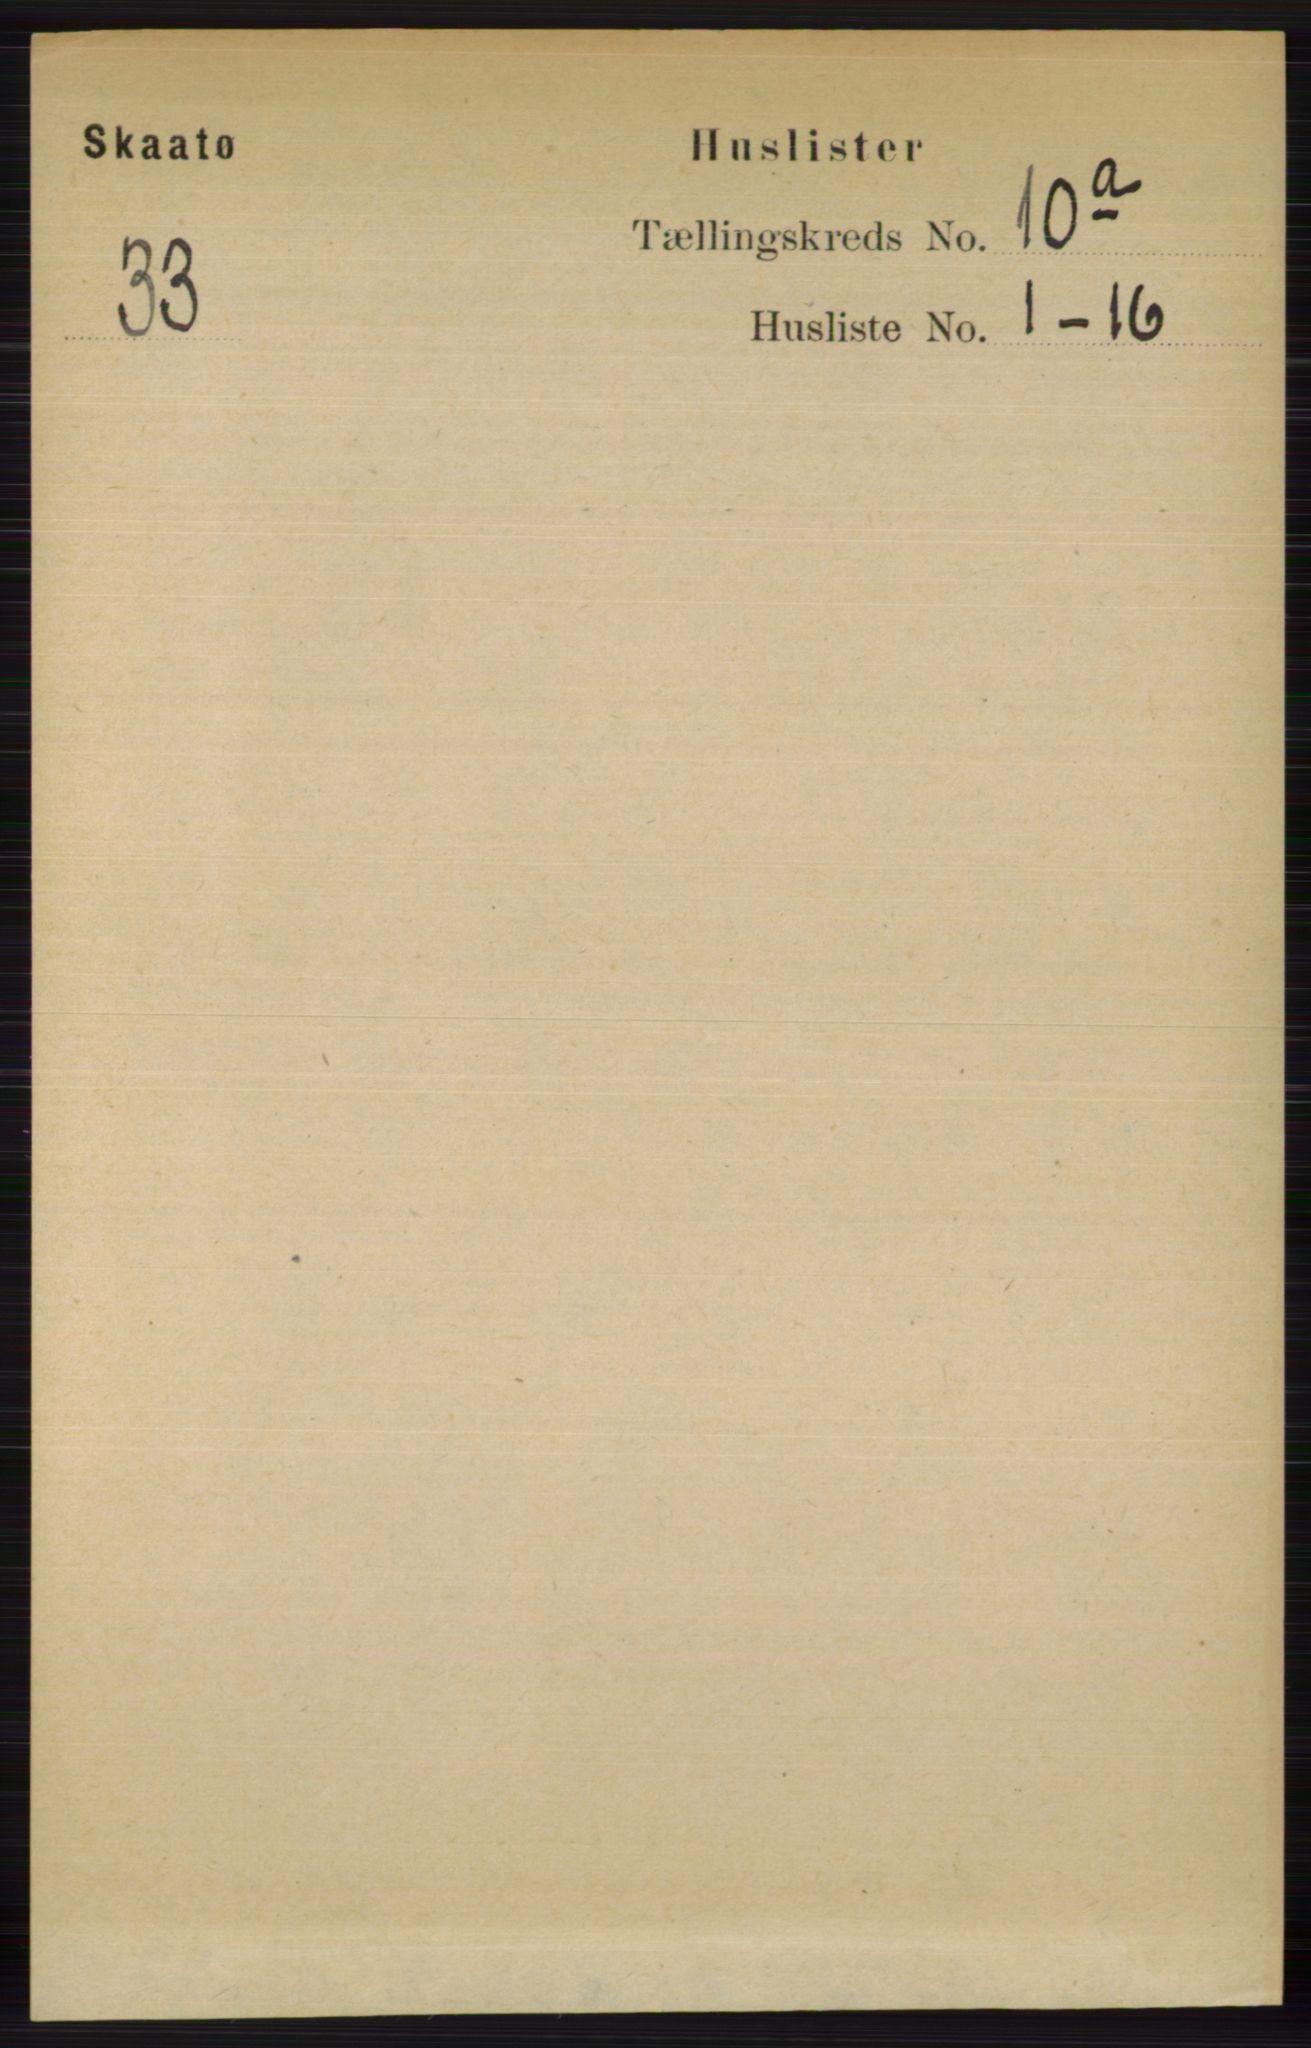 RA, Folketelling 1891 for 0815 Skåtøy herred, 1891, s. 4013